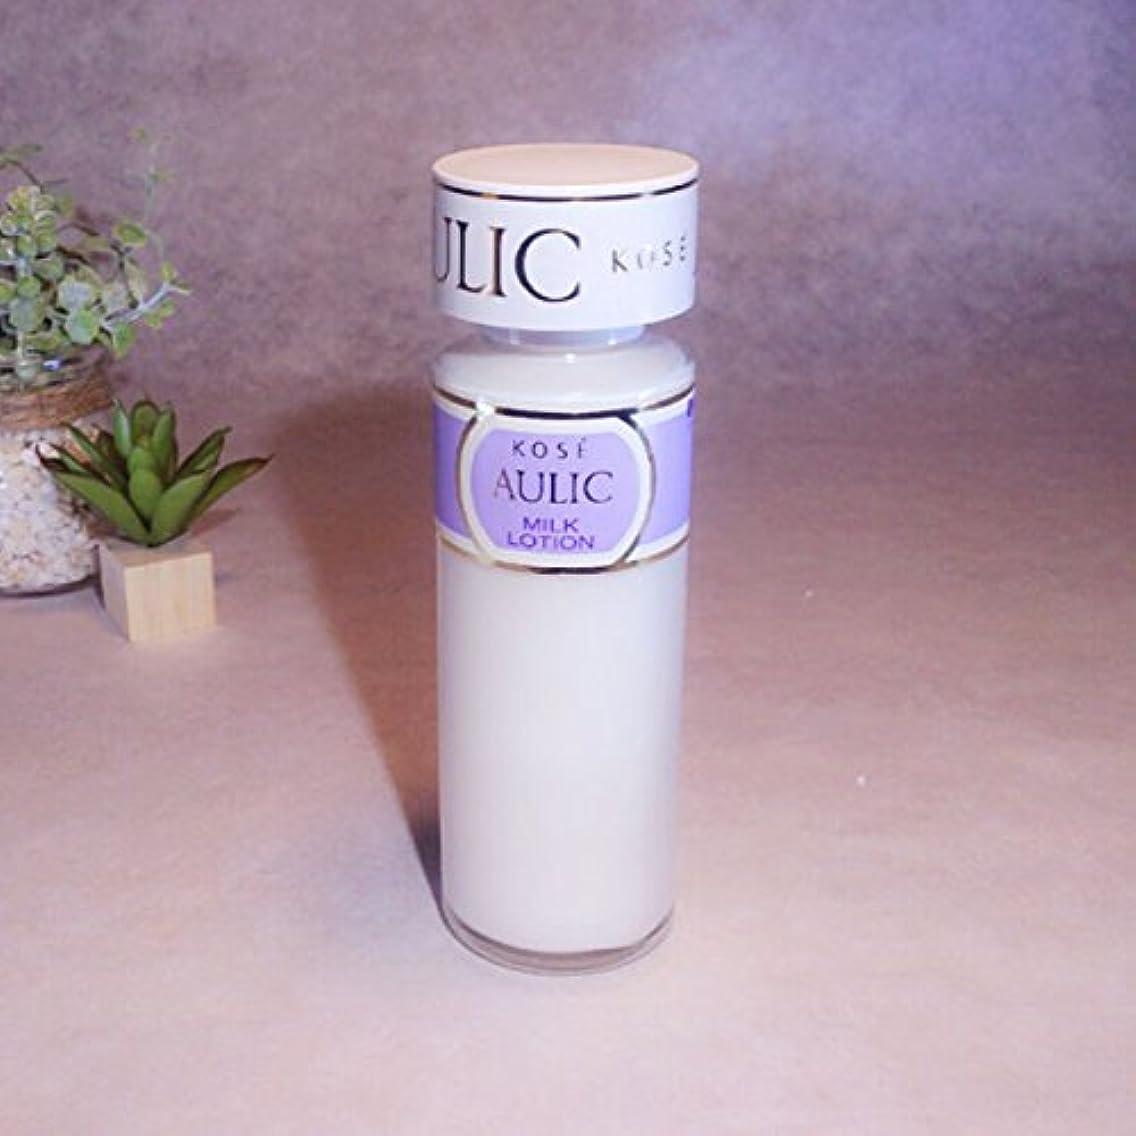 全体重要なハイキングコーセー オーリック 乳液 140ml